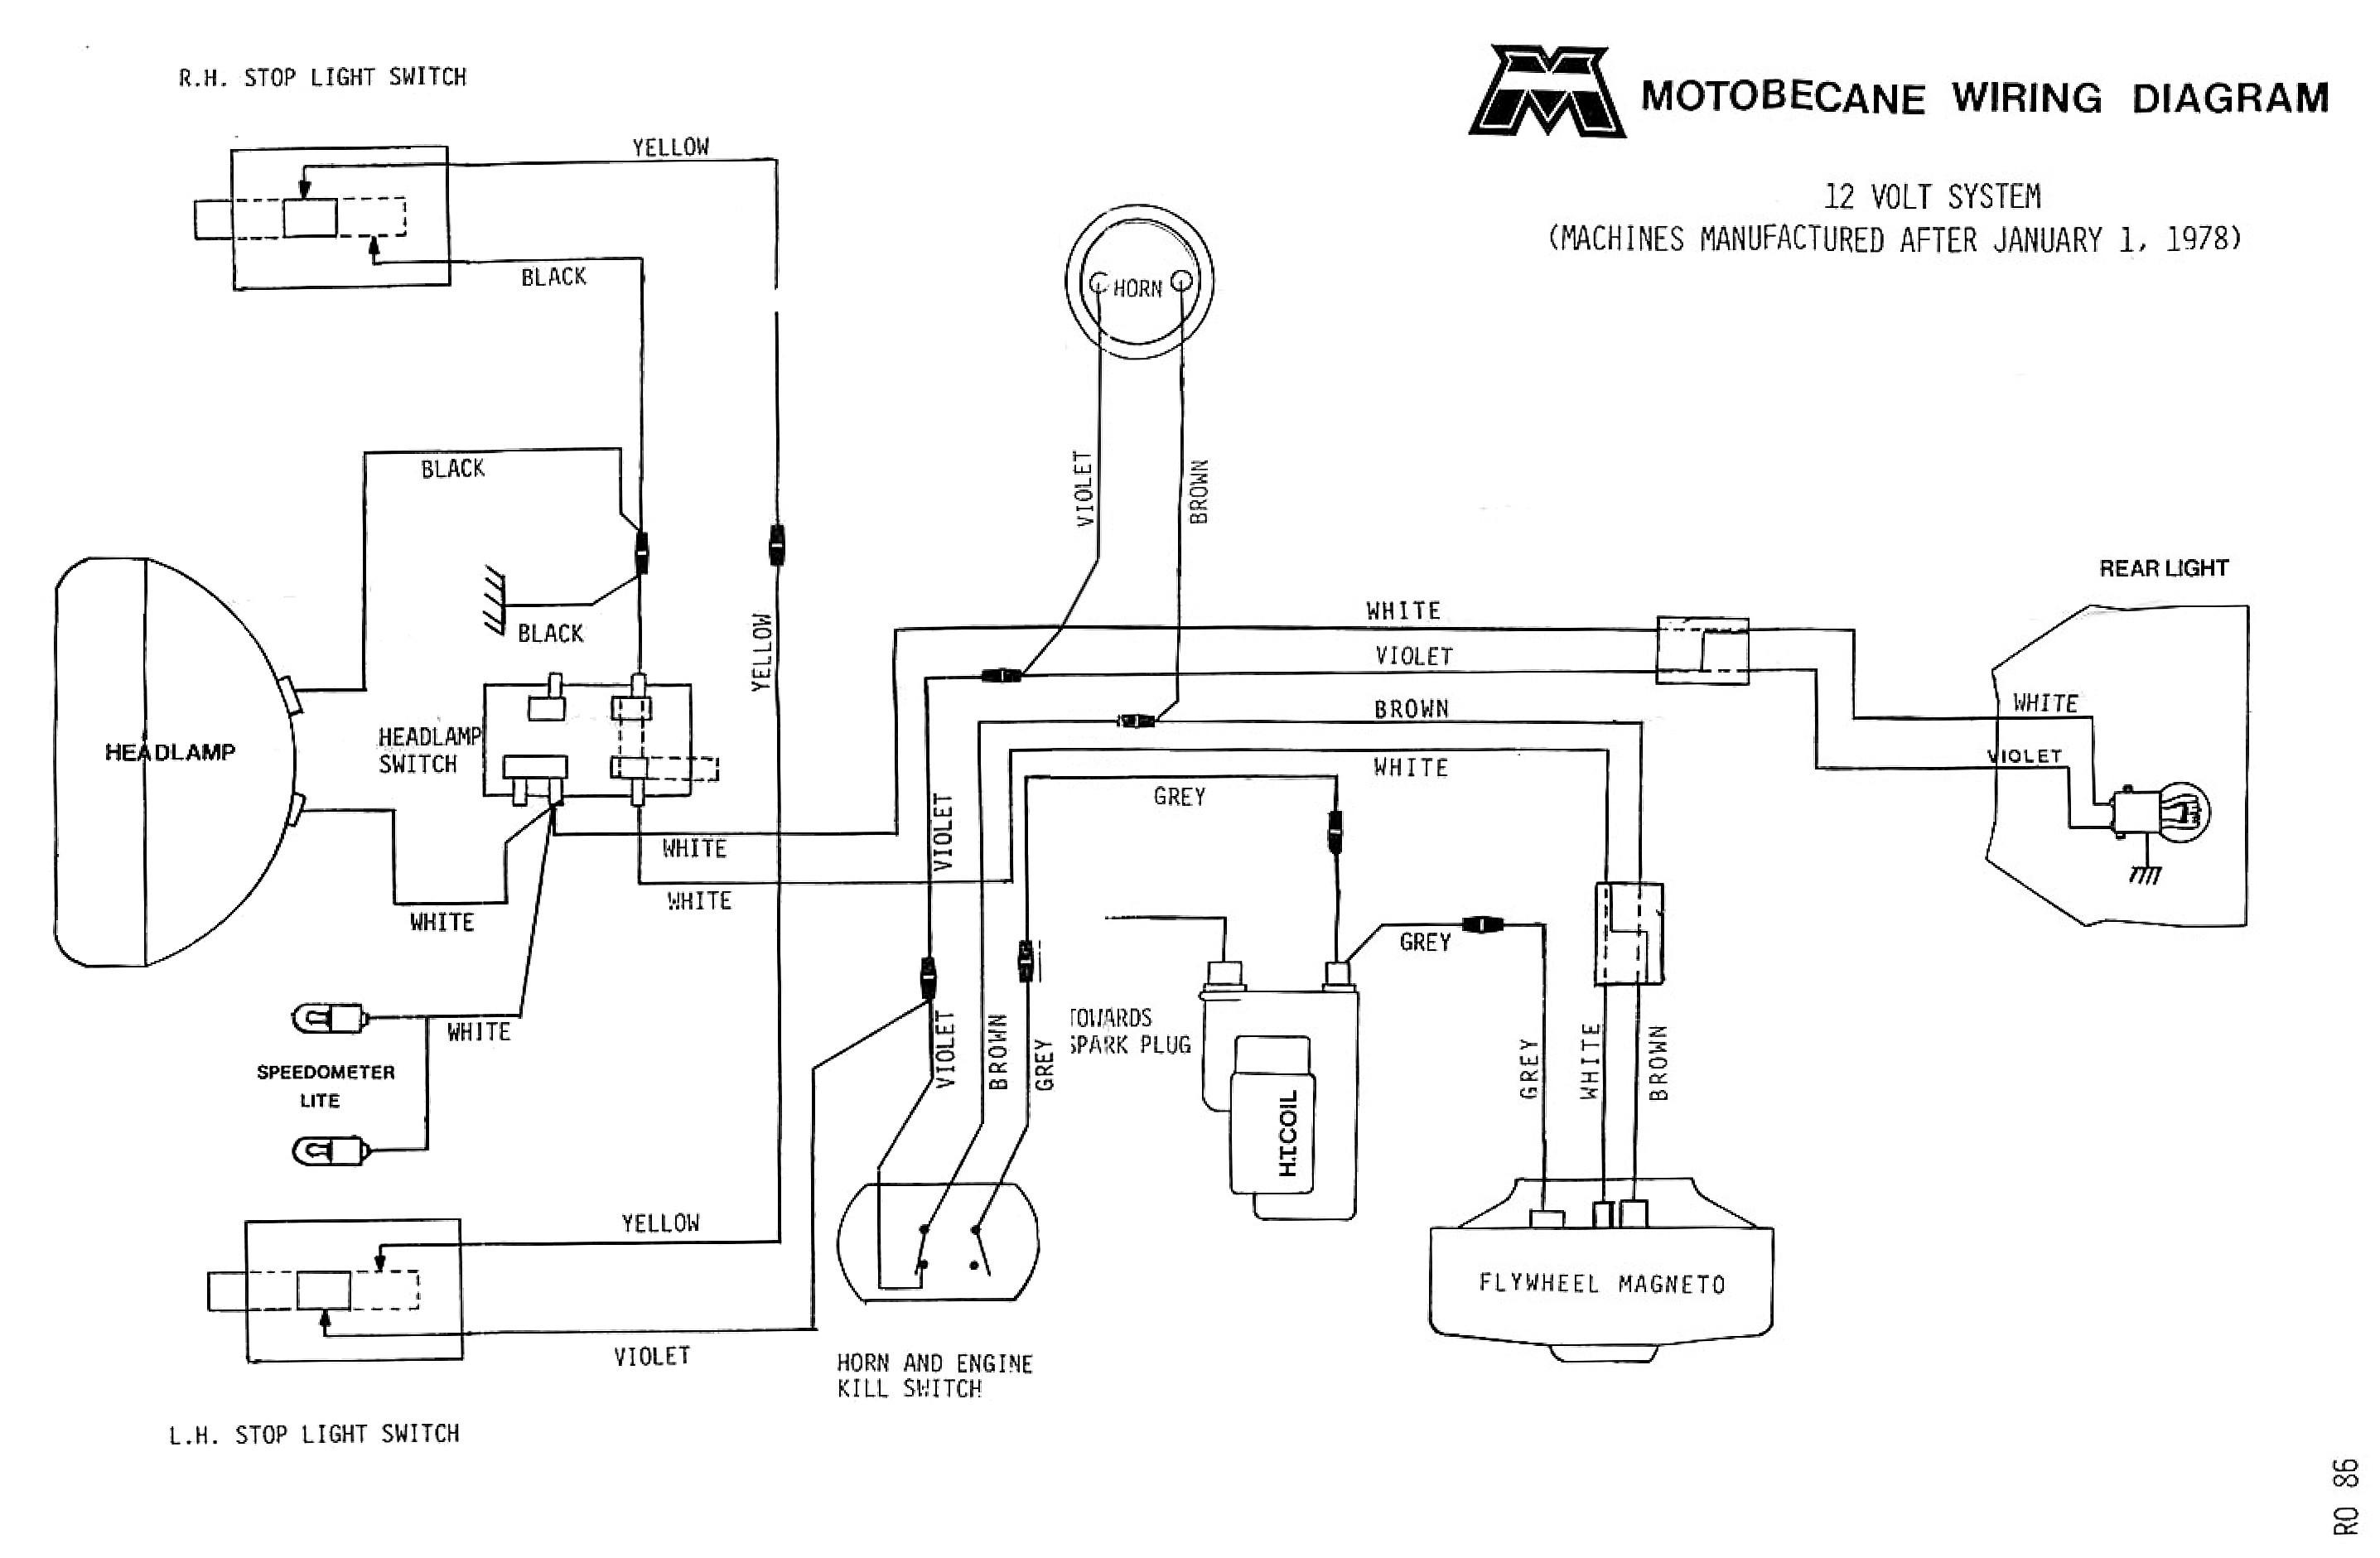 1948 farmall h wiring diagram ford 8n wiring schematic pro wiring diagram  ford 8n wiring schematic pro wiring